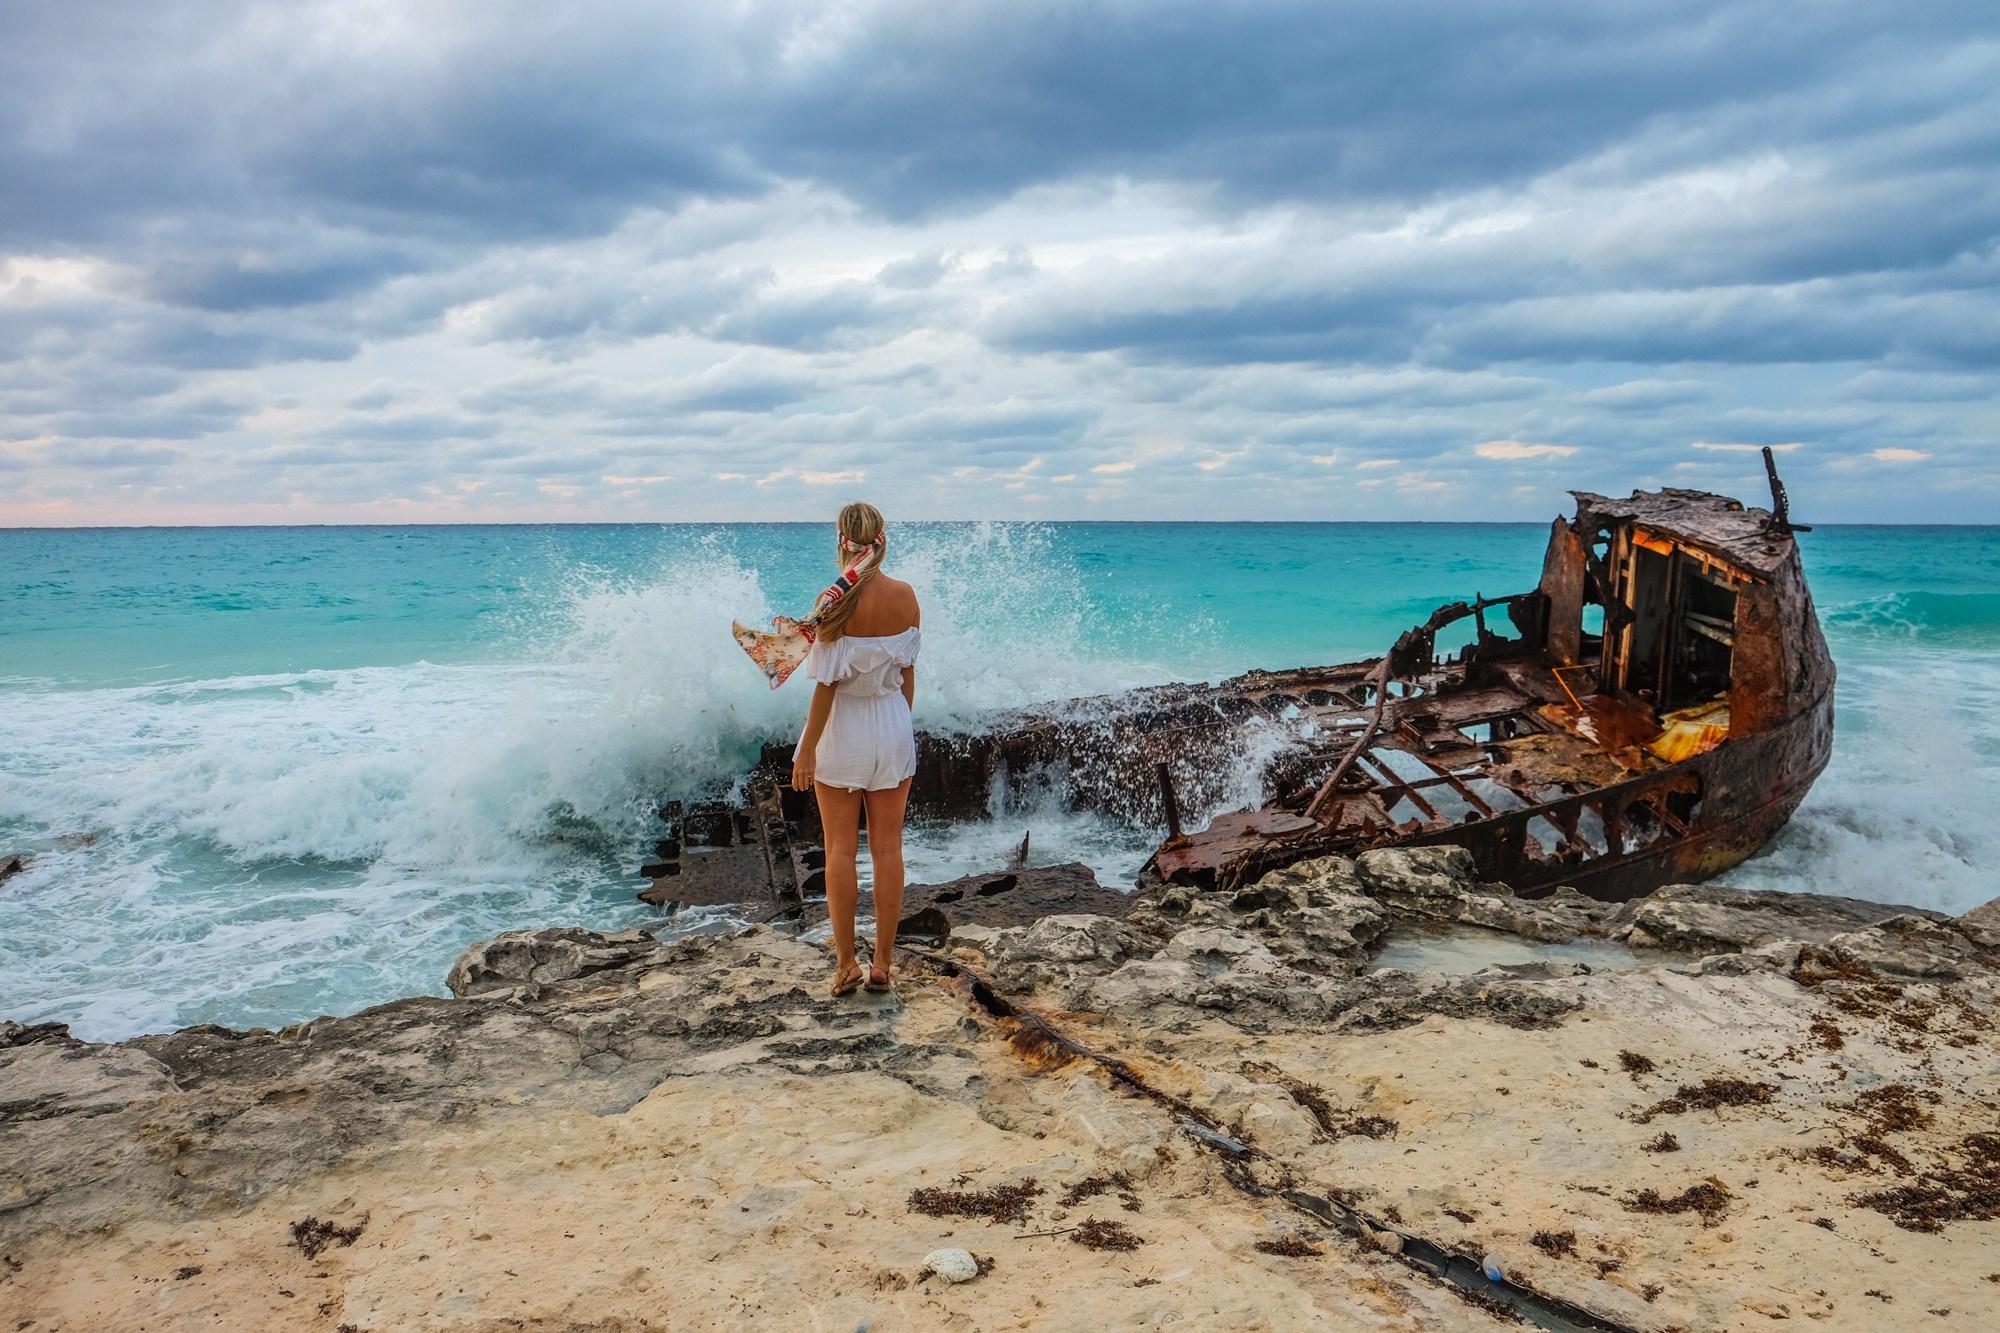 Shipwreck Bimini